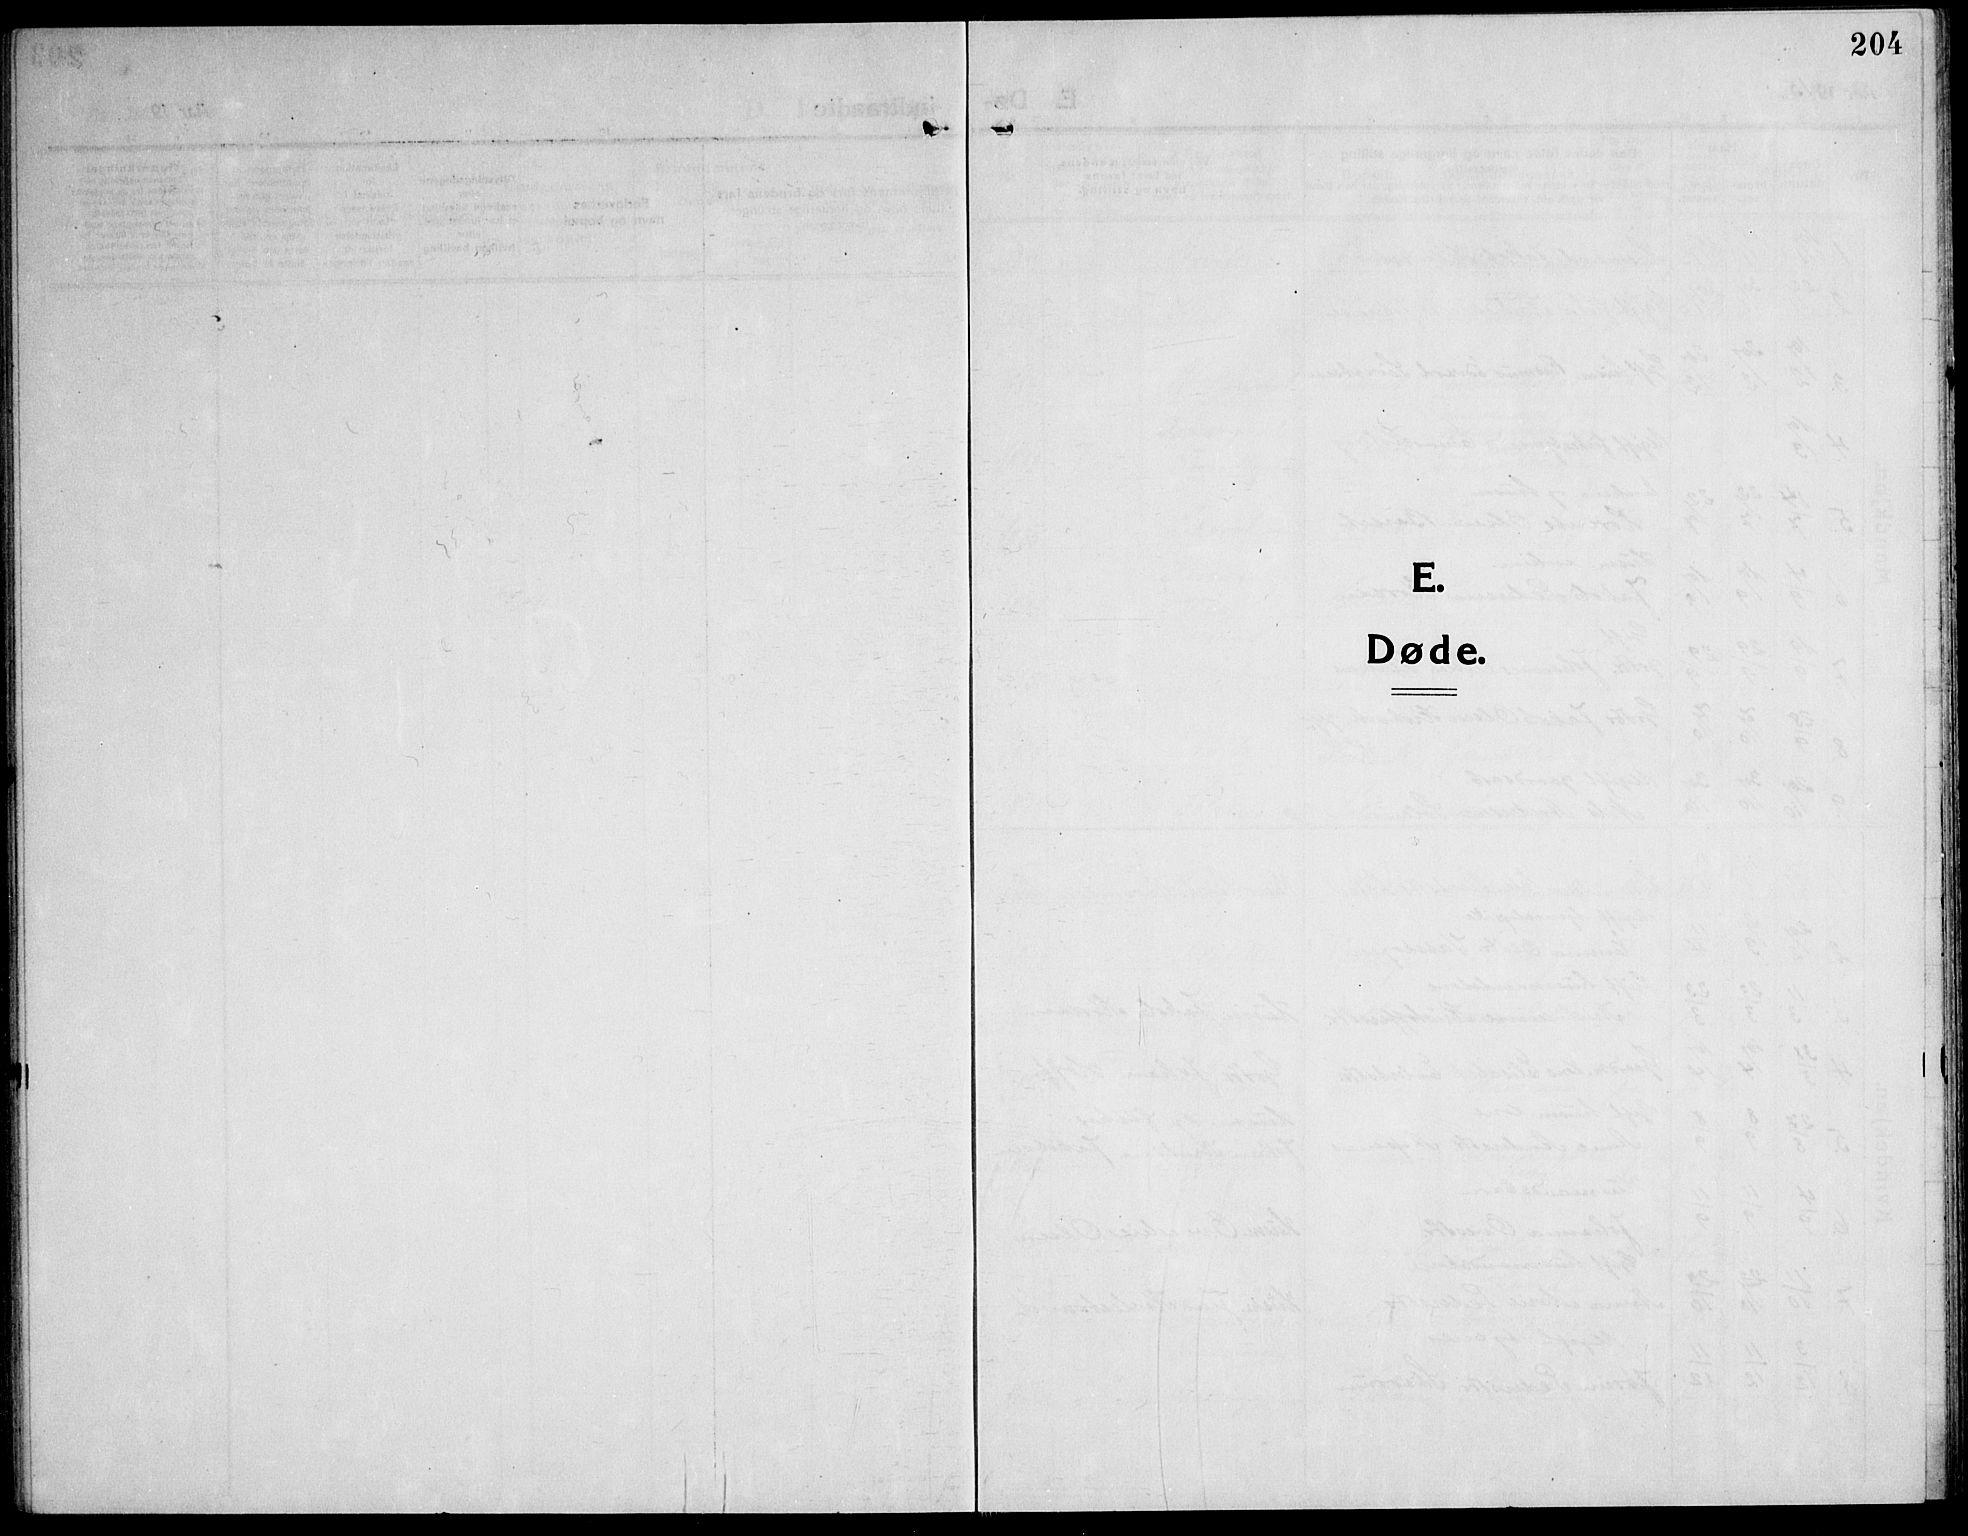 SAT, Ministerialprotokoller, klokkerbøker og fødselsregistre - Sør-Trøndelag, 651/L0648: Klokkerbok nr. 651C02, 1915-1945, s. 204